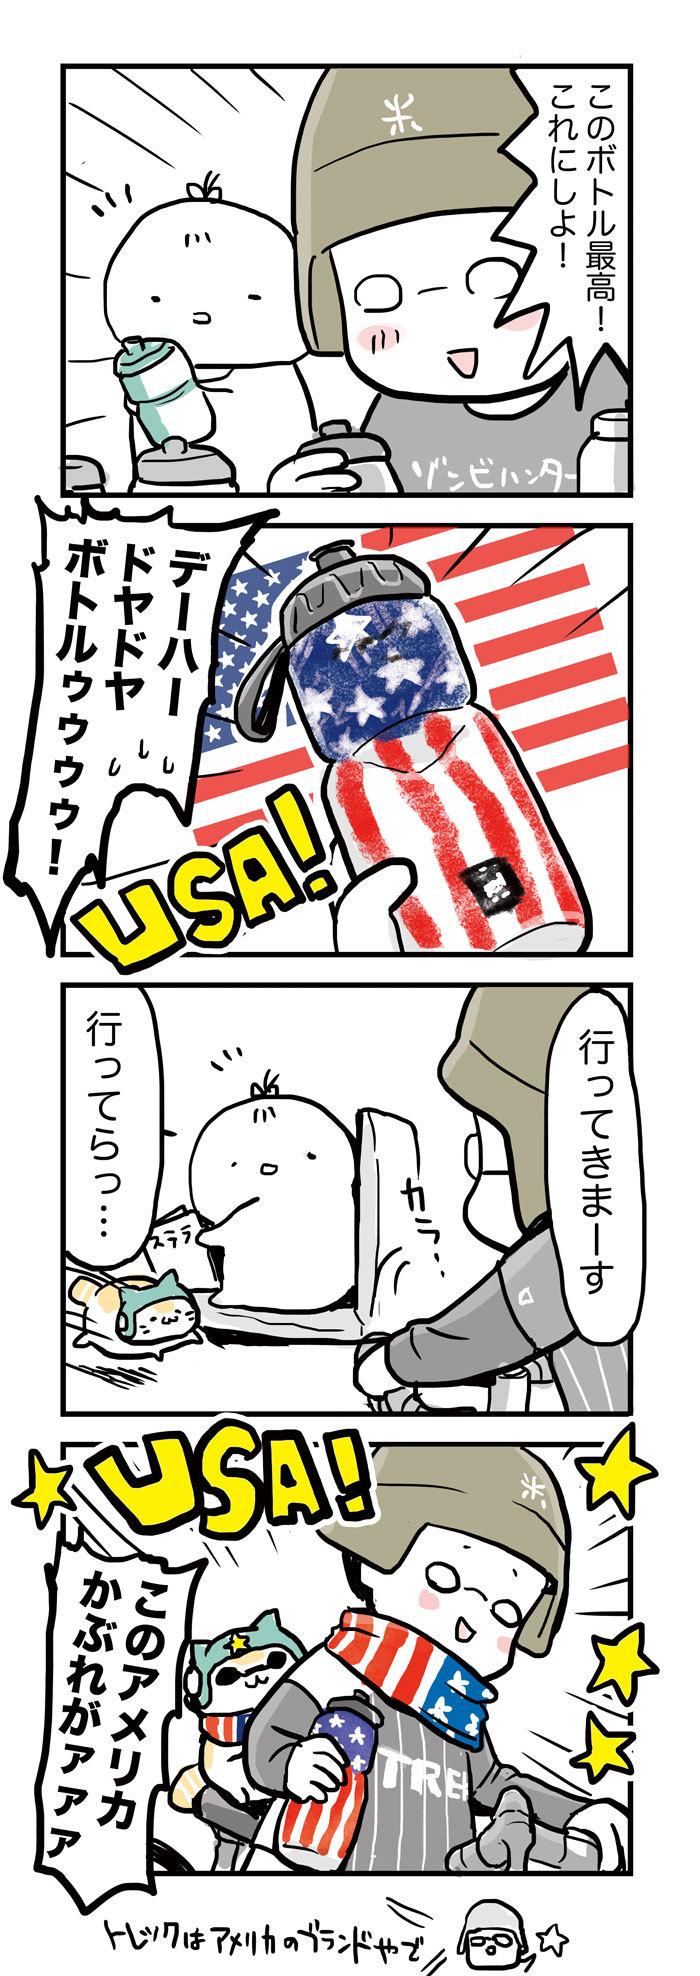 13 アメリカかぶれ